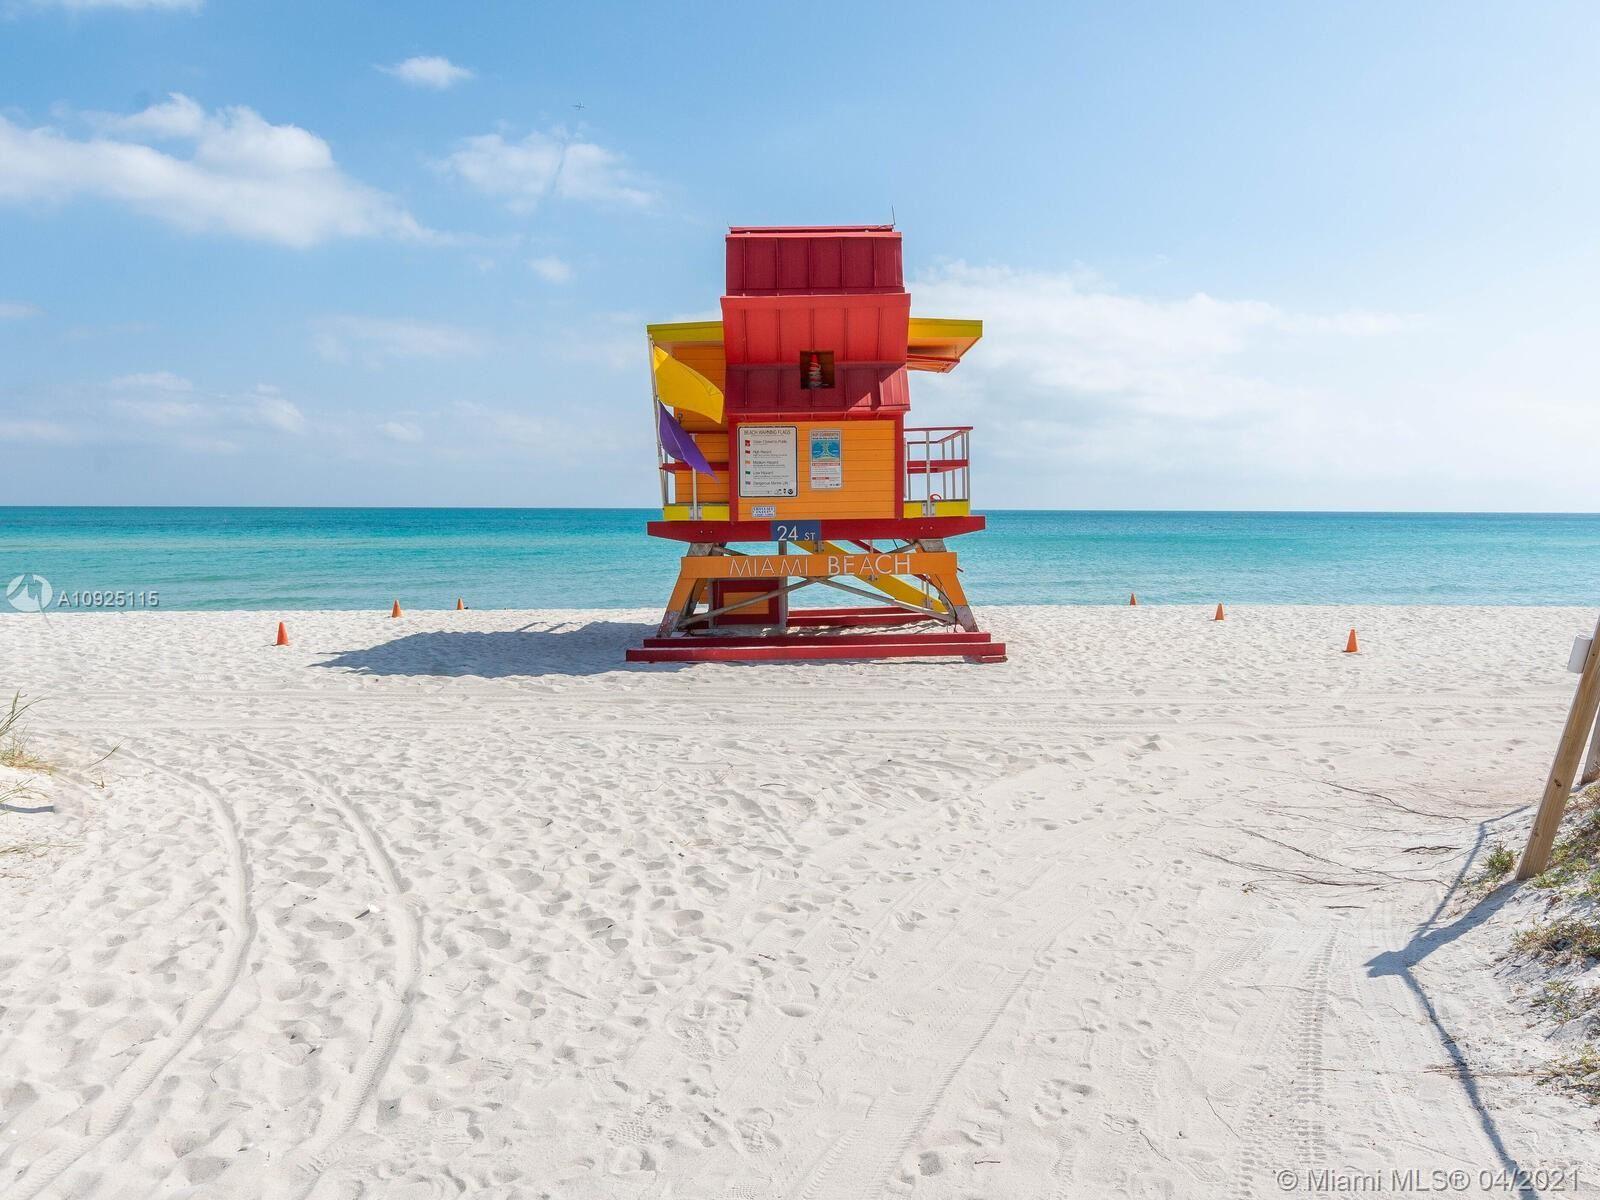 2401 Collins Ave #1508, Miami Beach, FL 33140 - #: A10925115